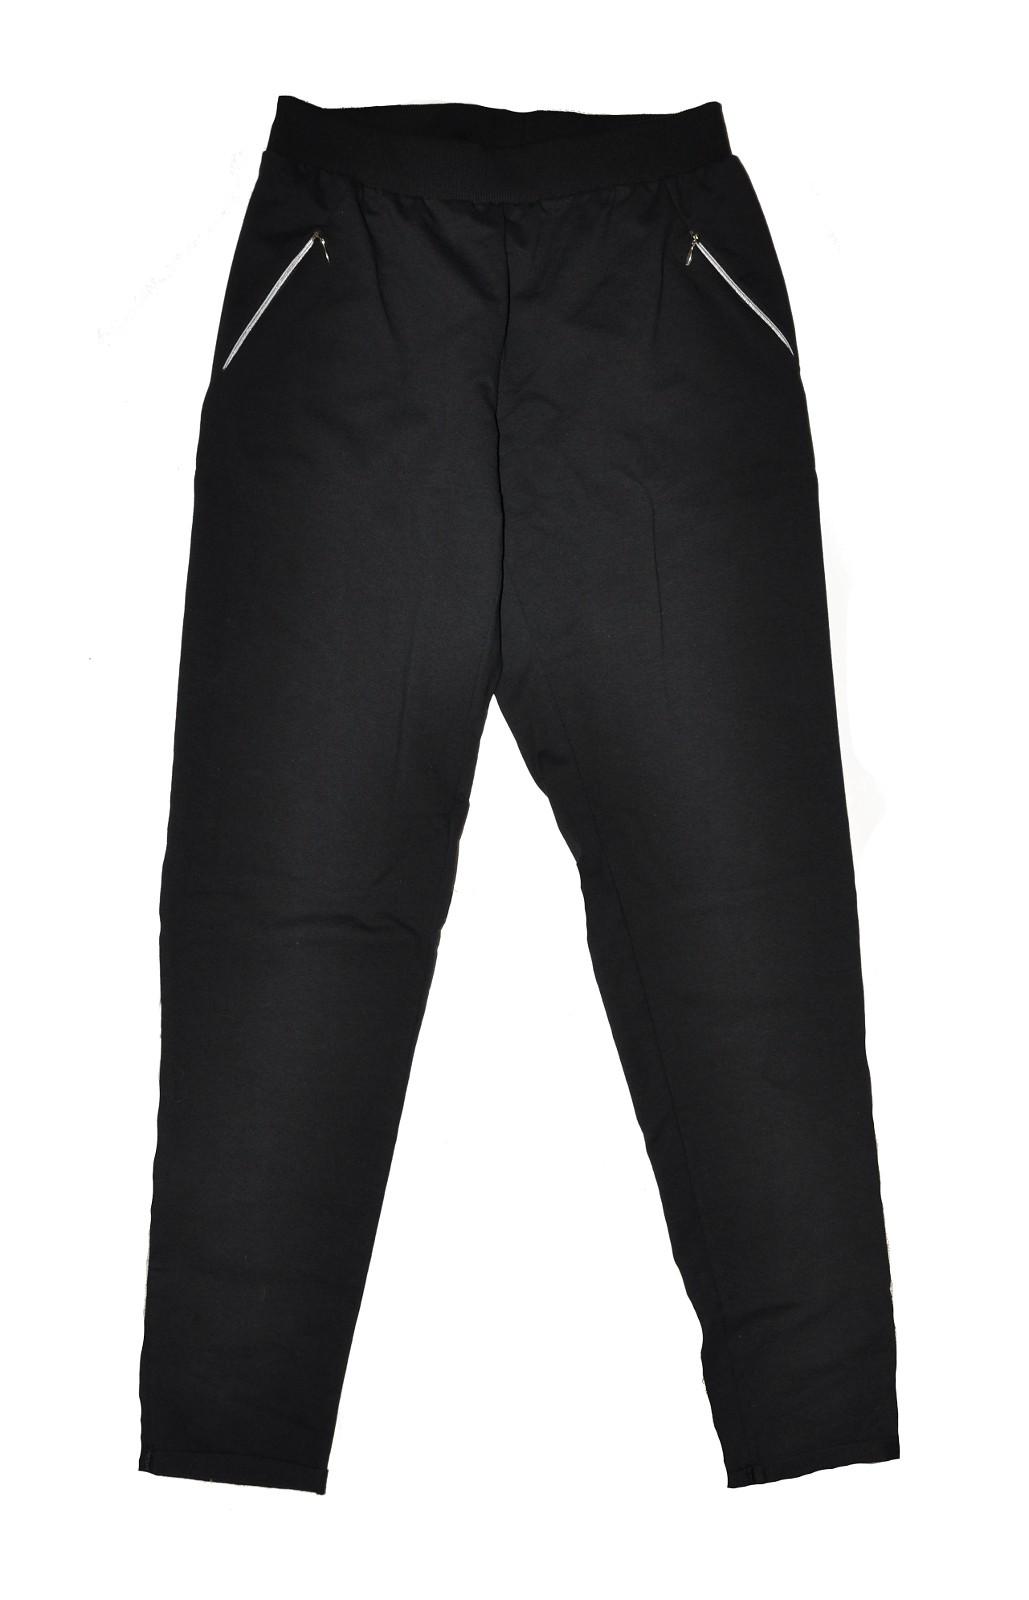 Dámské kalhoty De Lafense 604 Just